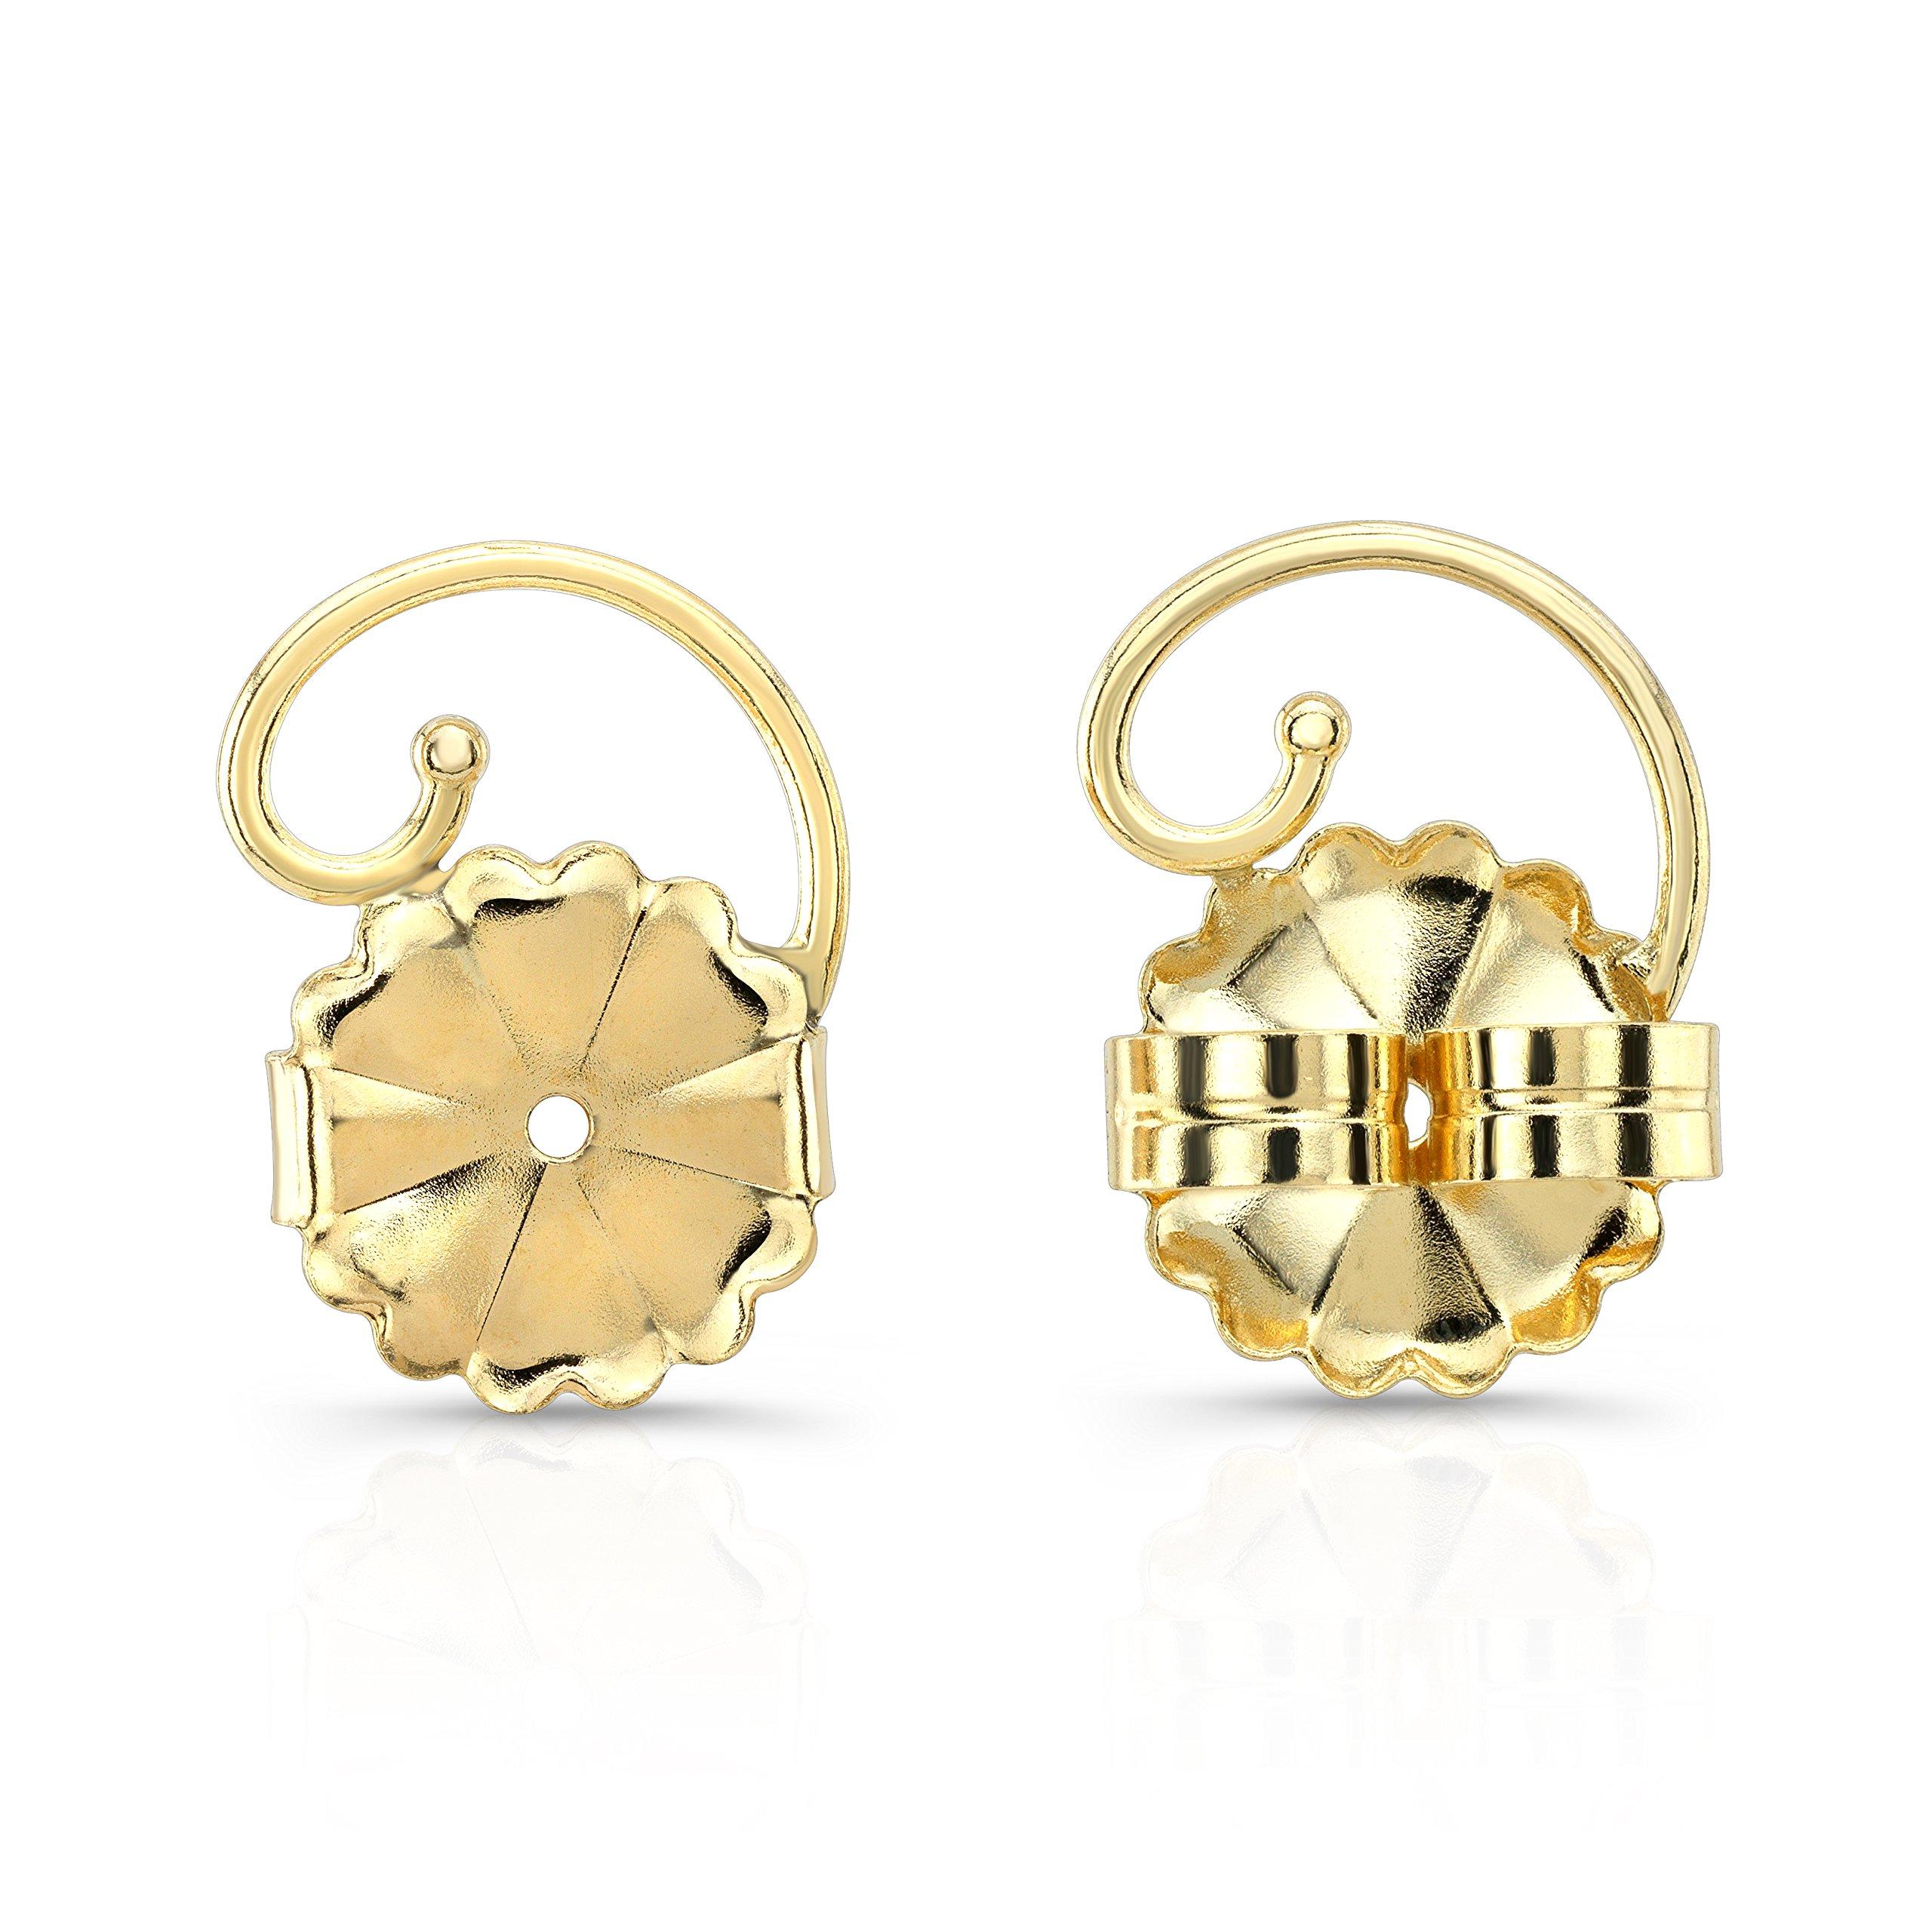 Levears 14K Yellow Gold Pierced Ear Lobe Earring backs Lifts Support Post / Stud